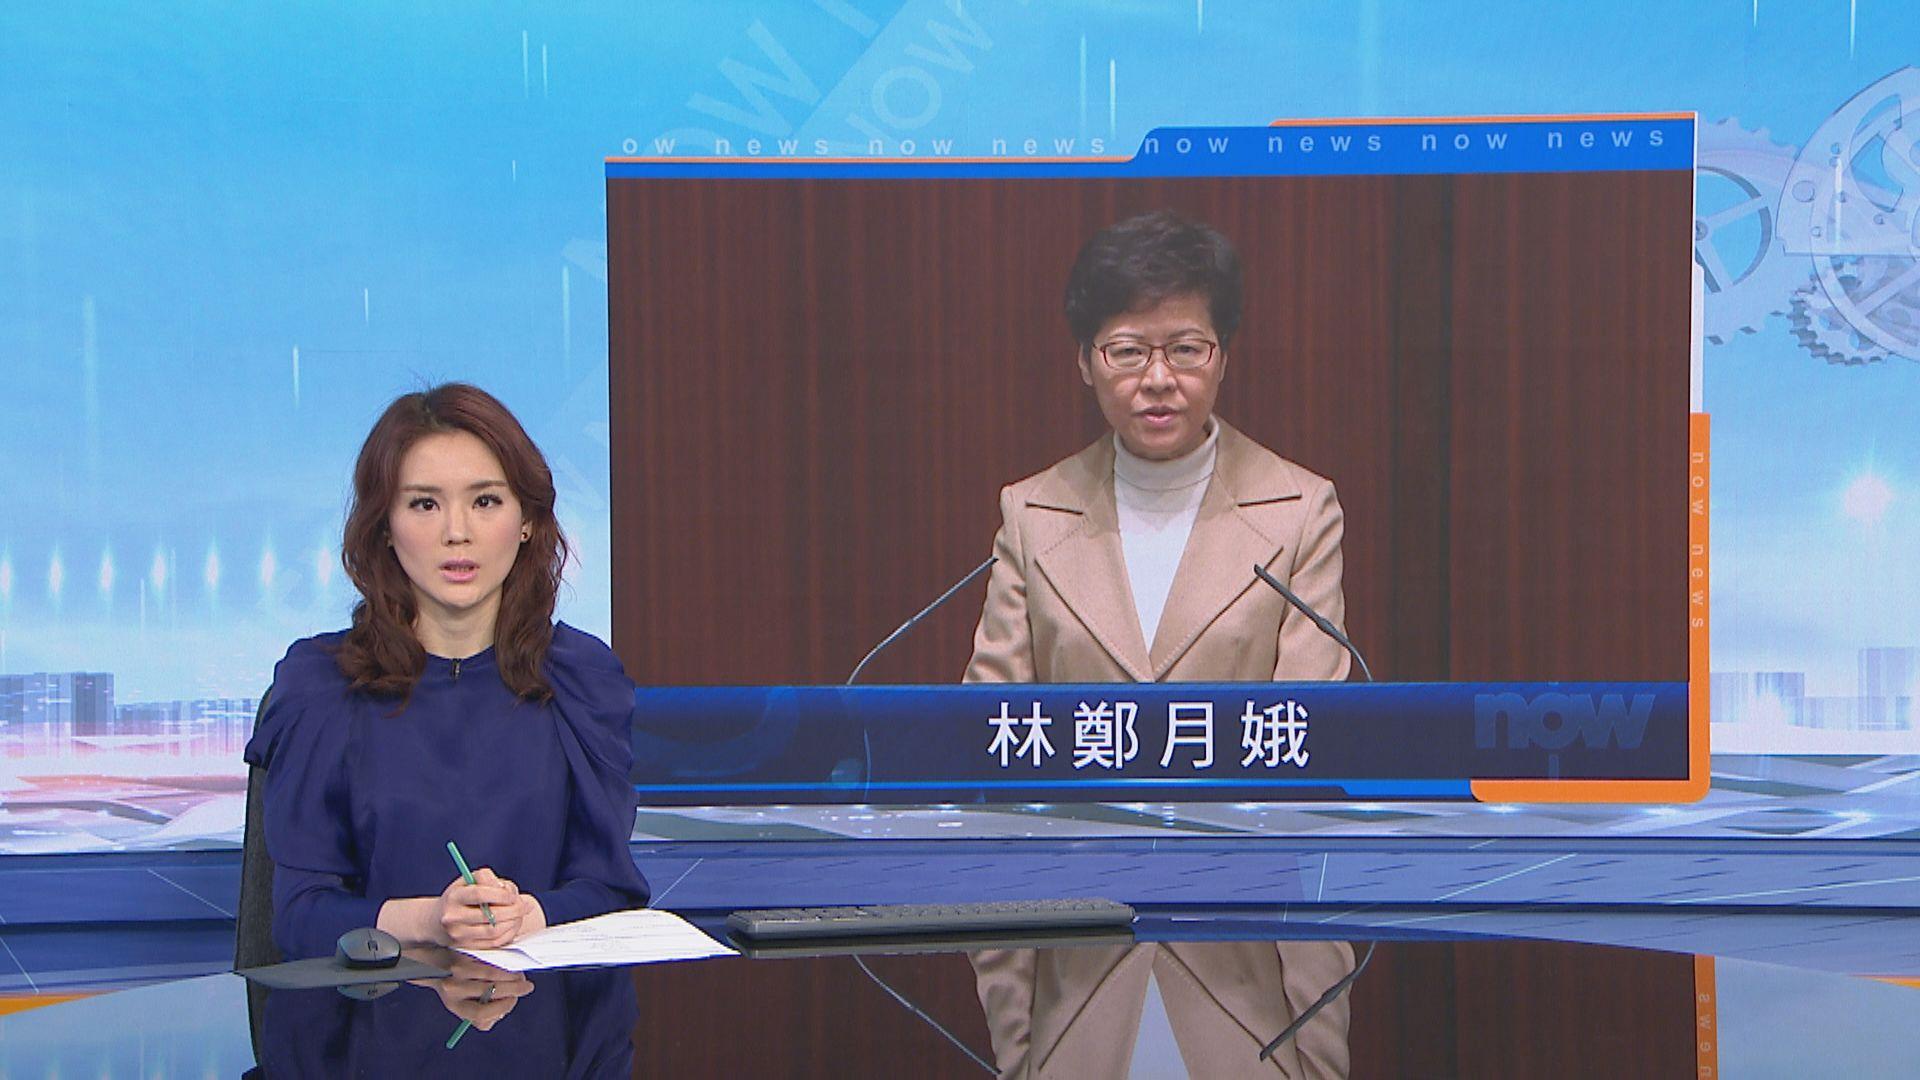 林鄭:不接受有人形容反修例風波中有警暴問題